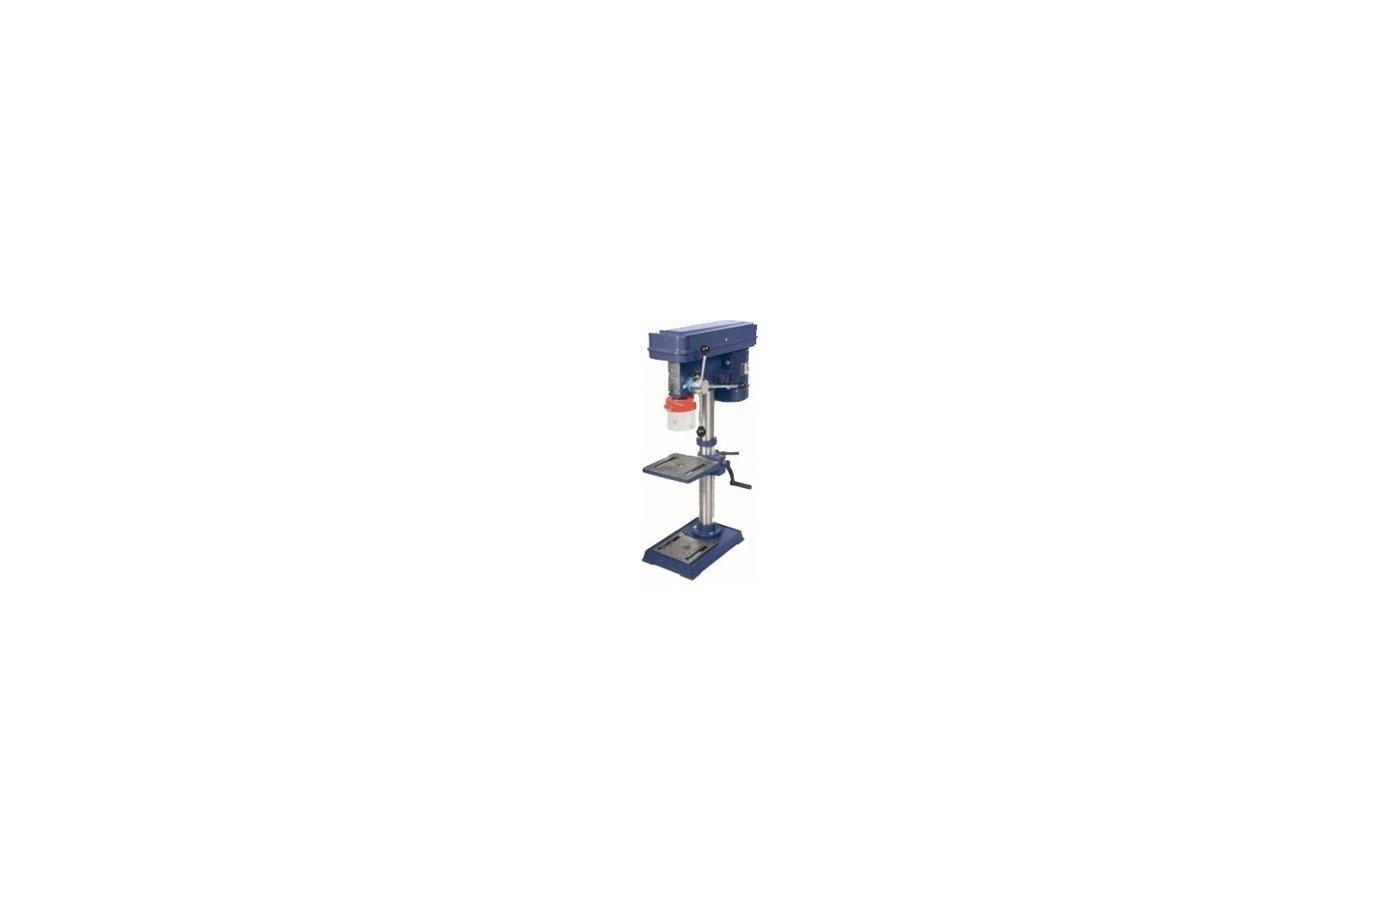 КРАТОН DM-16/500